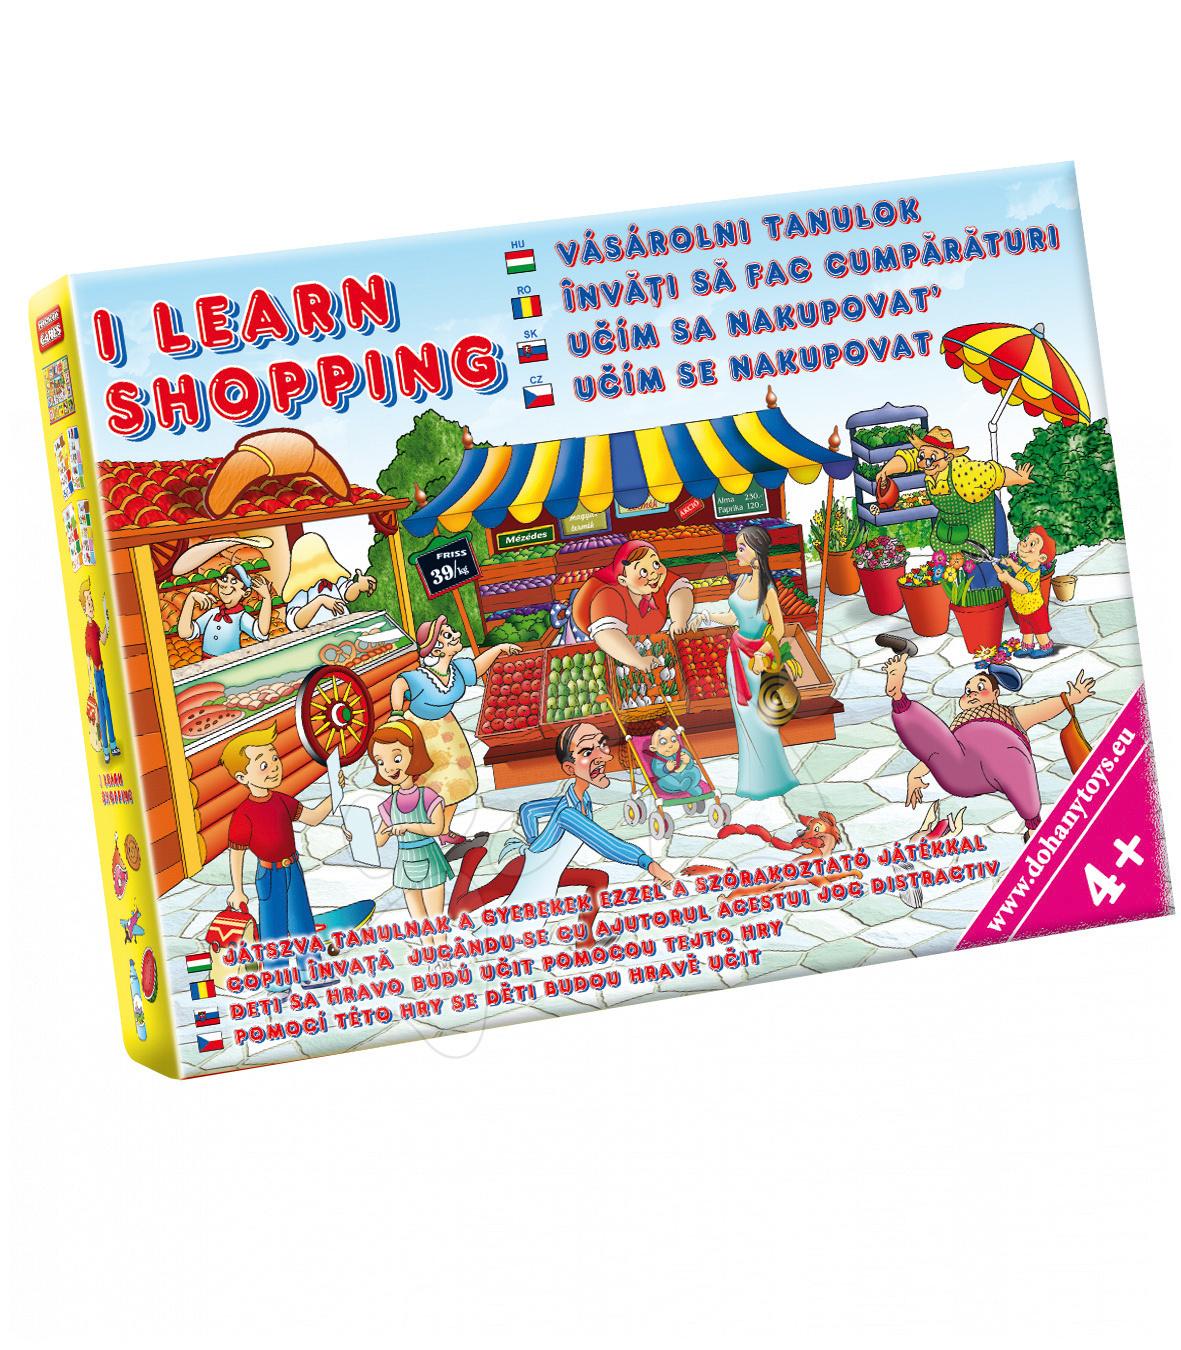 Společenská hra Učím se nakupovat Dohány hrací plocha, čtyři seznamy, 20 položek zboží, 4 figurky a kostka od 4 let